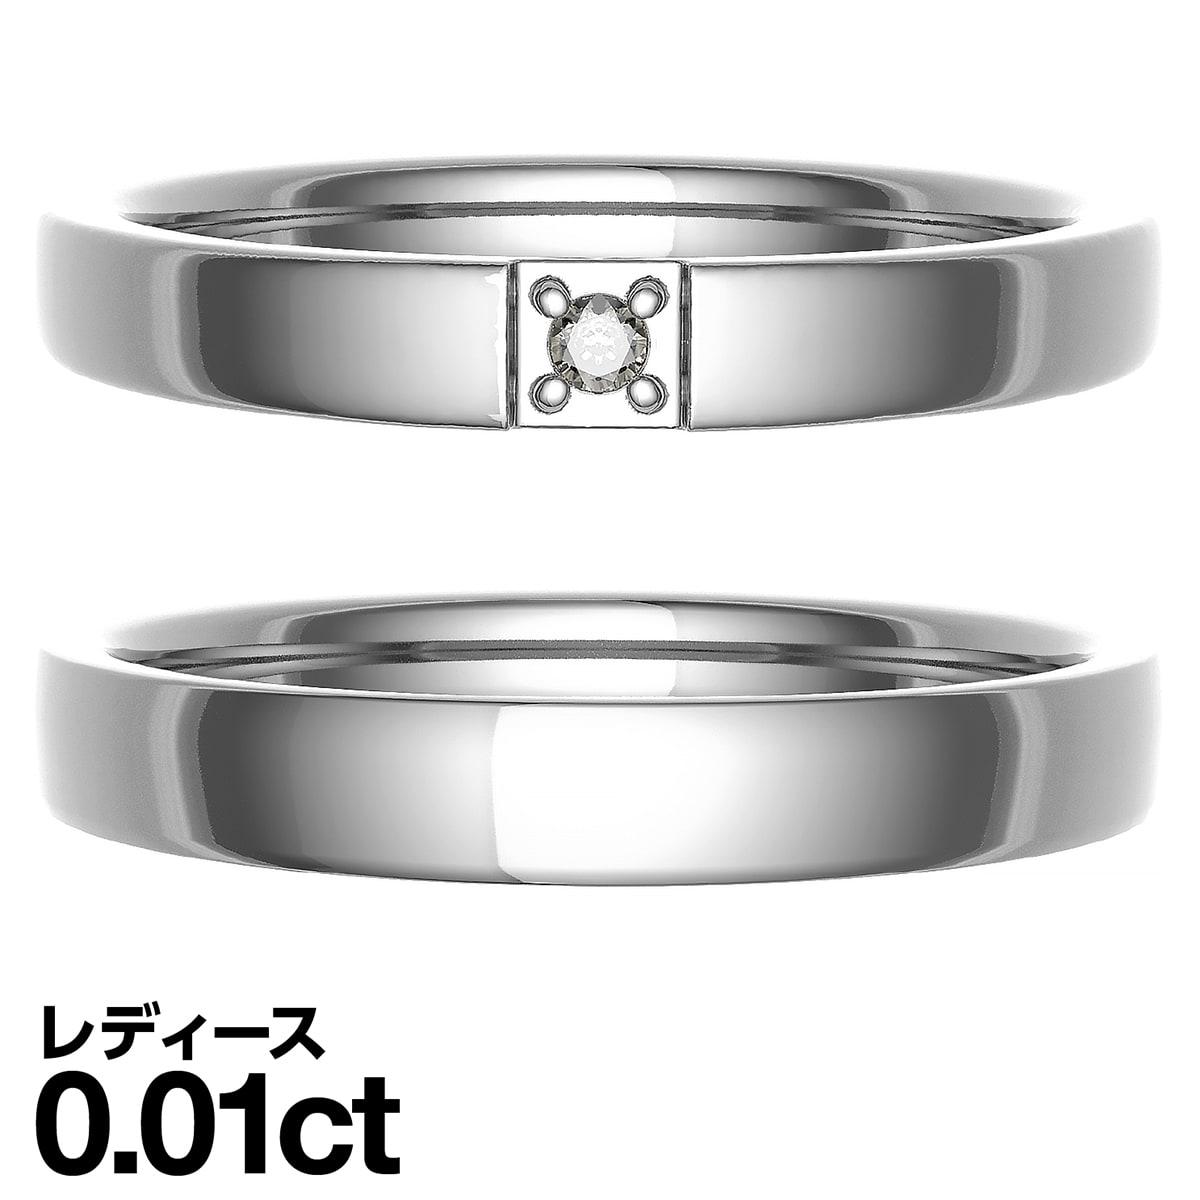 【送料無料】ペアリング 結婚指輪 K18ゴールド 2本セット マリッジリング 天然 ダイヤモンド 日本製 【ゴールド】【結婚指輪】【ペアリング】【マリッジリング】【ダイヤモンド】